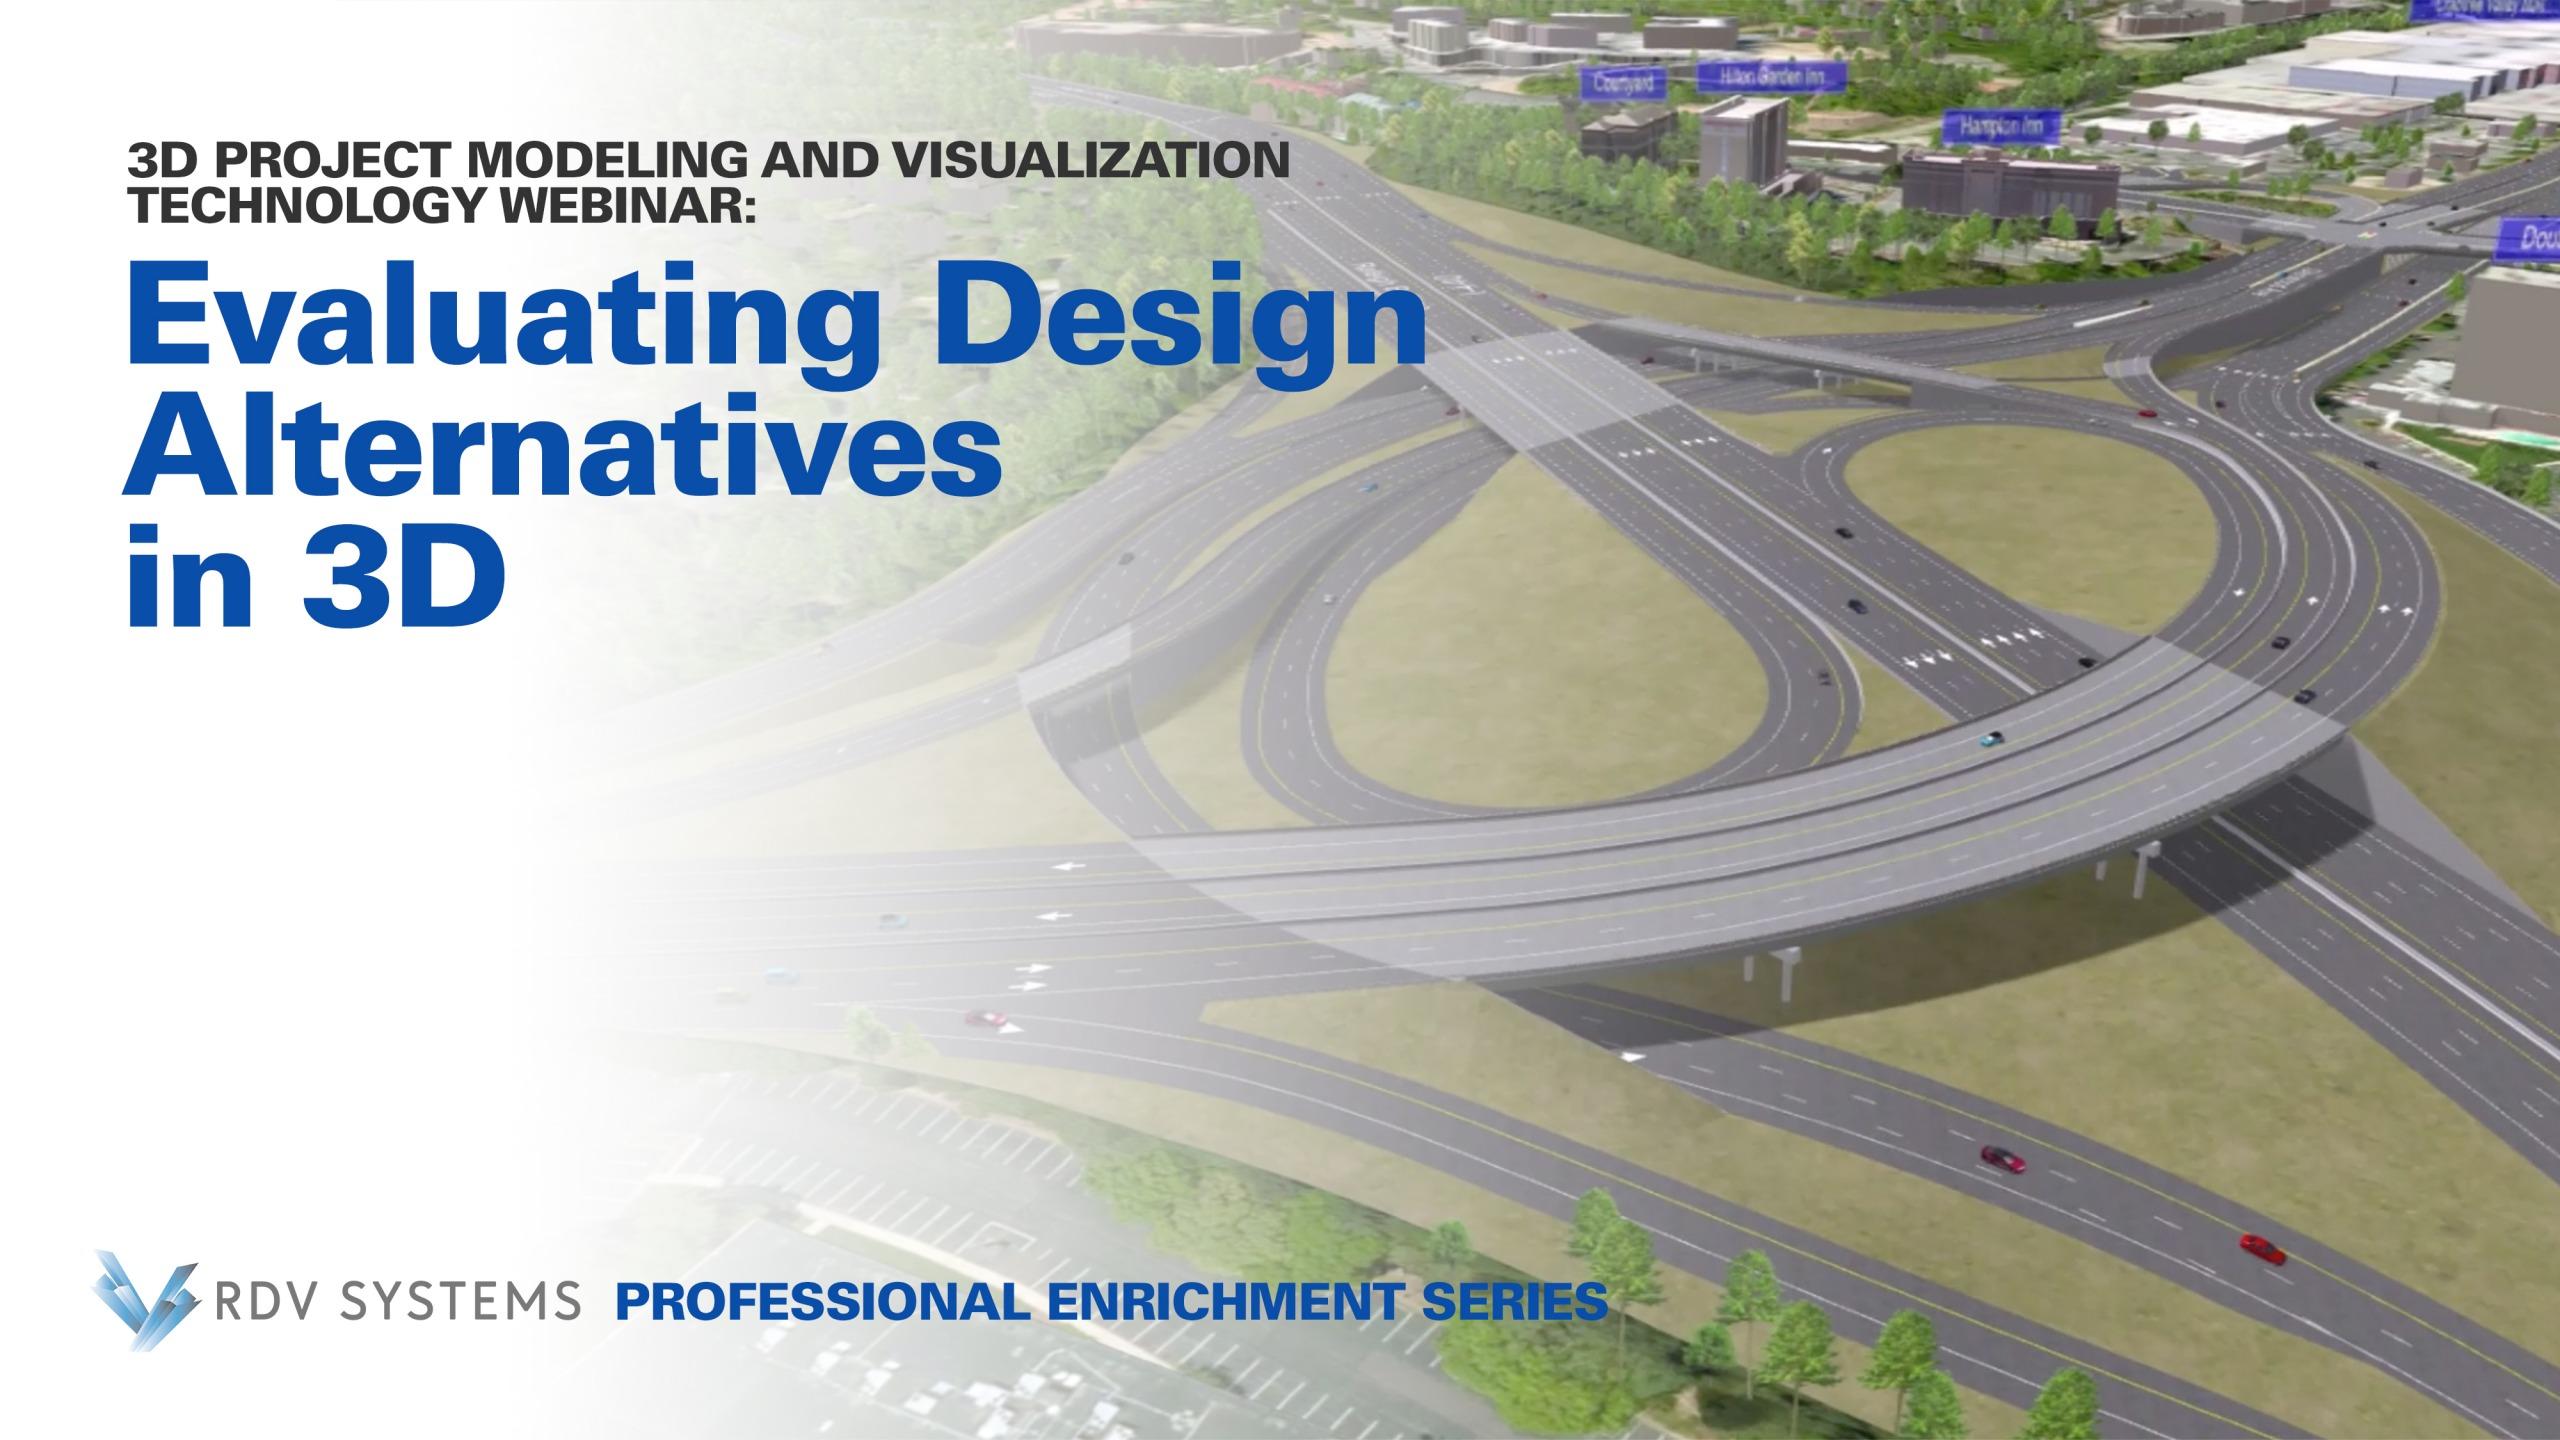 Design Alternatives Webinar | RDV Systems